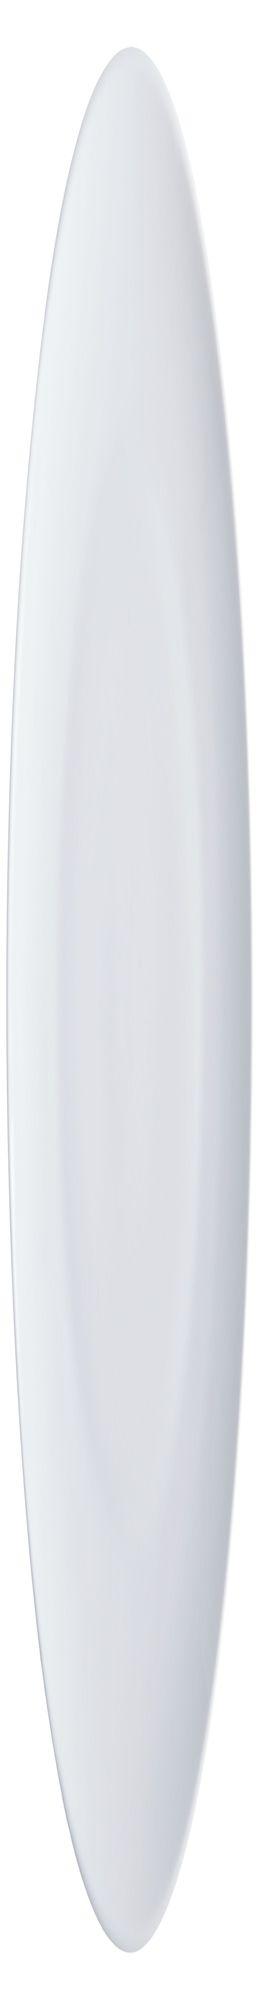 Тарелка Wonder для сублимационной печати, белая фото